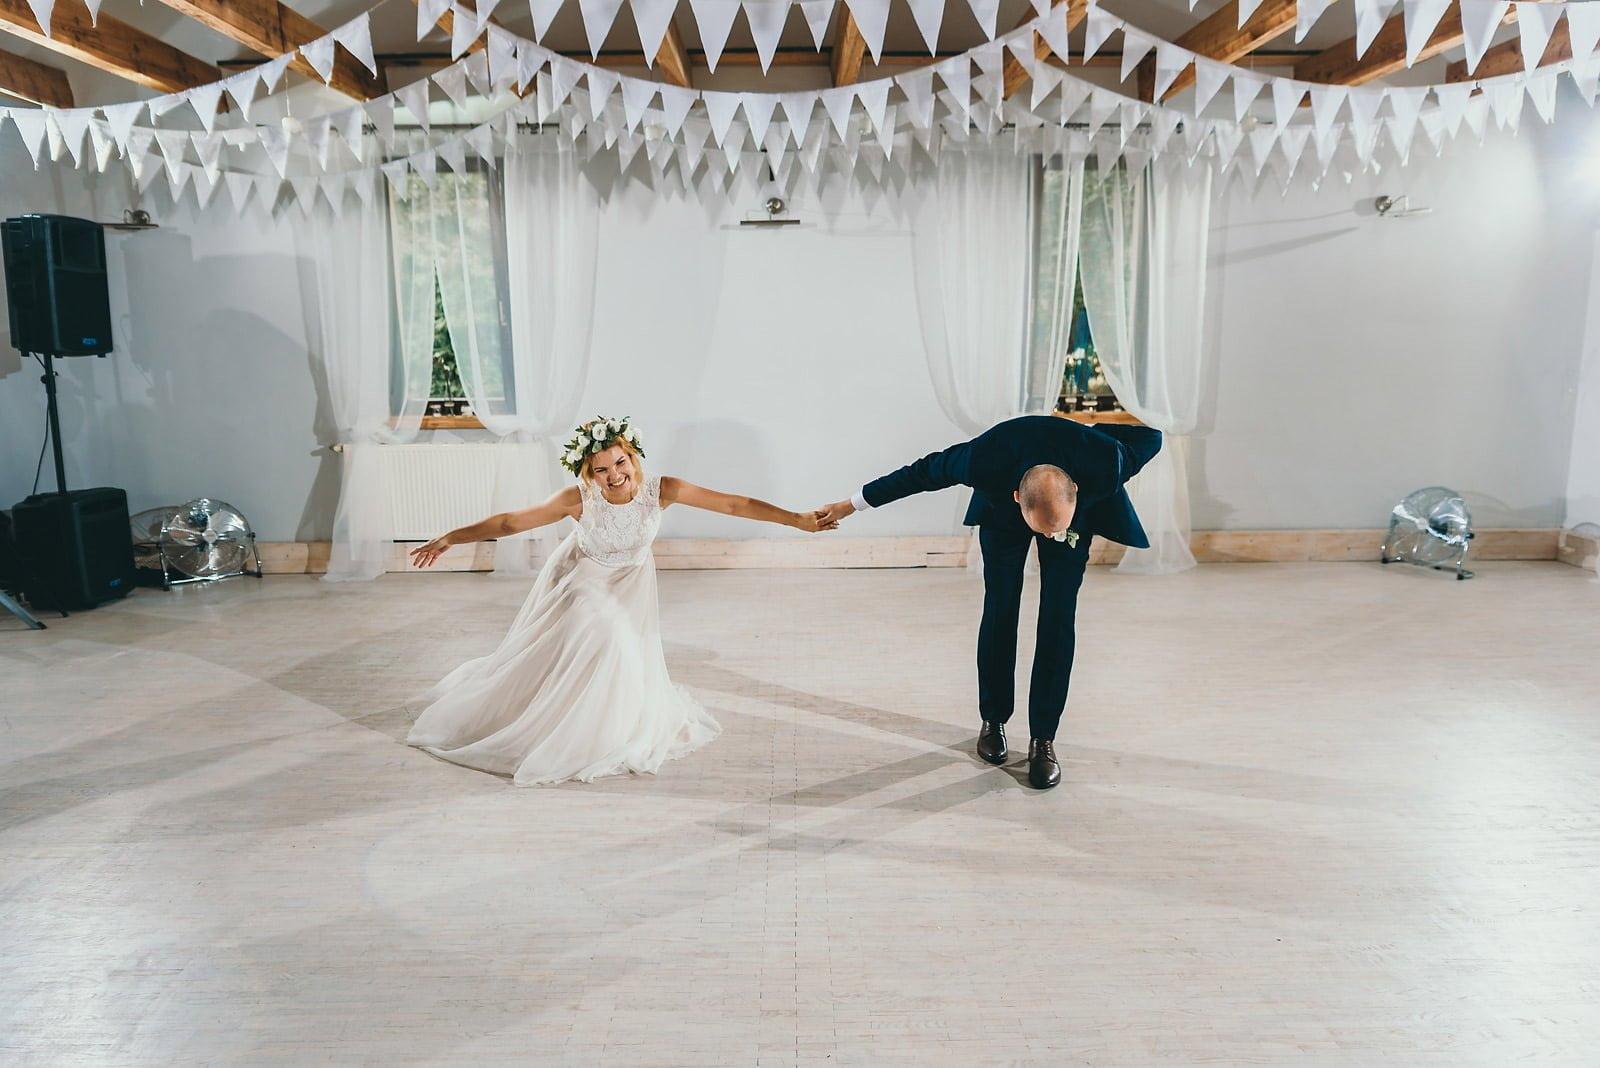 Justyna i Szymon - plenerowy ślub w stylu boho 67